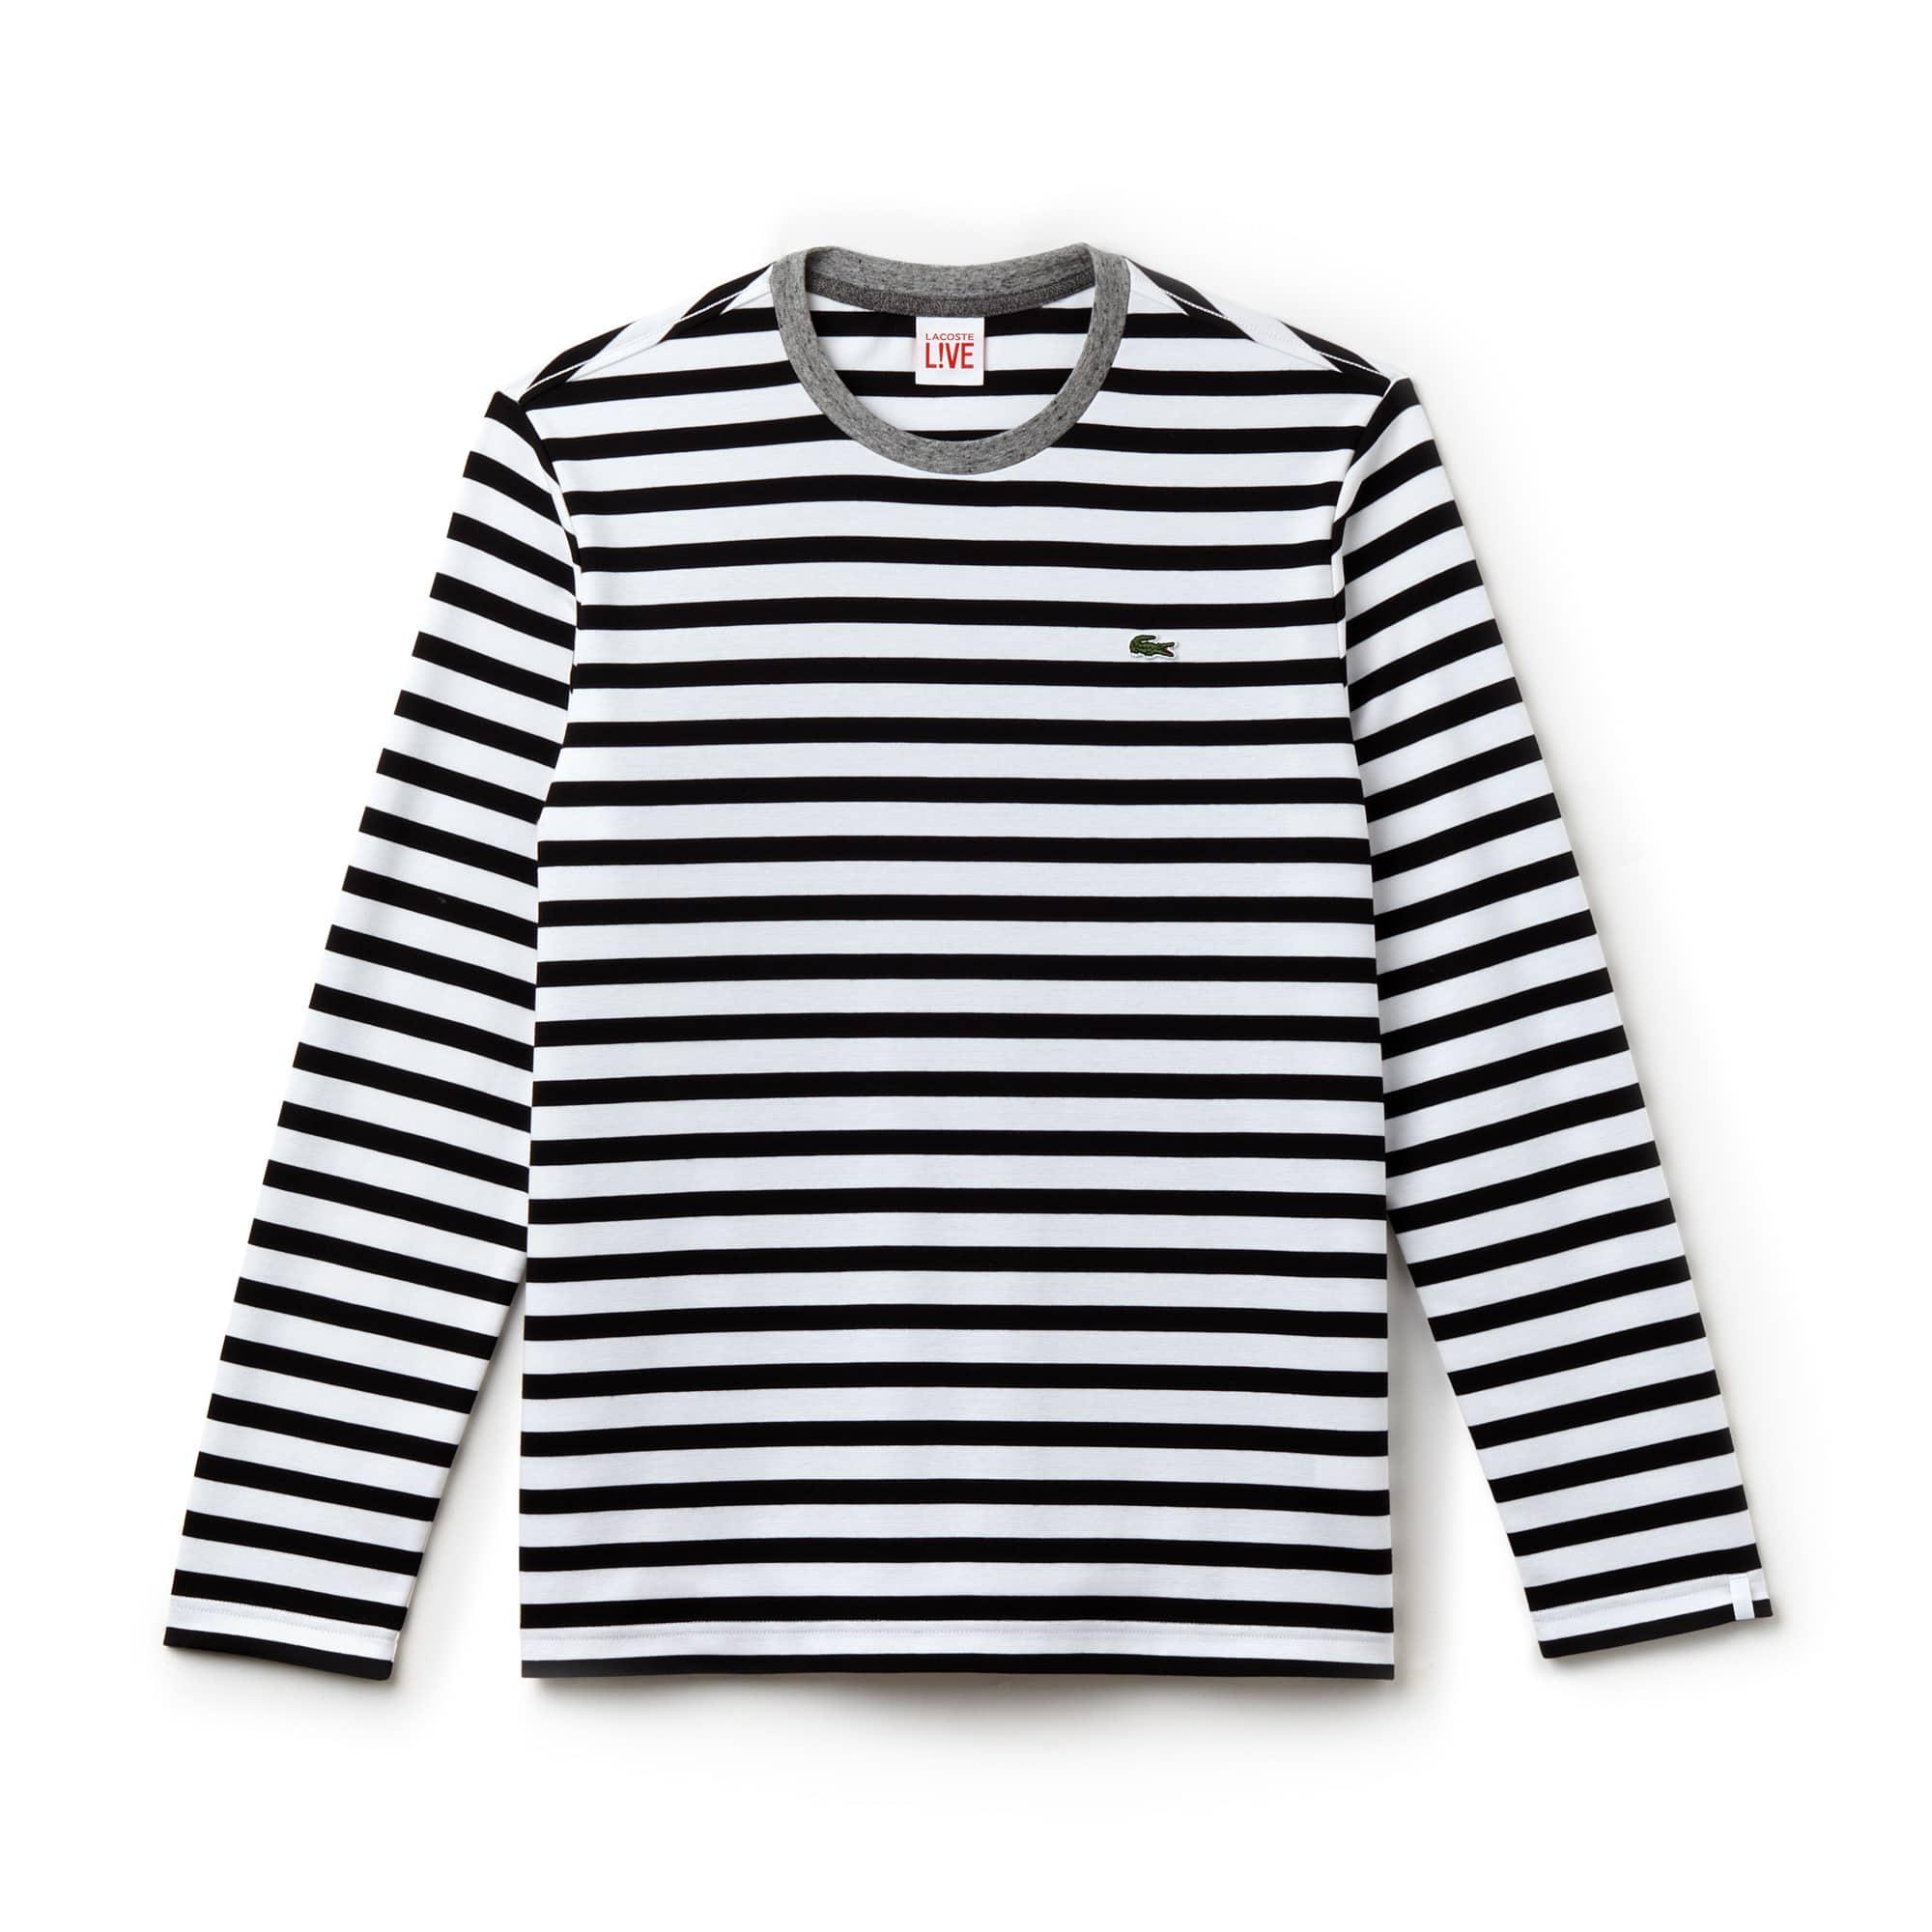 Marinière col contrasté Lacoste LIVE en jersey de coton